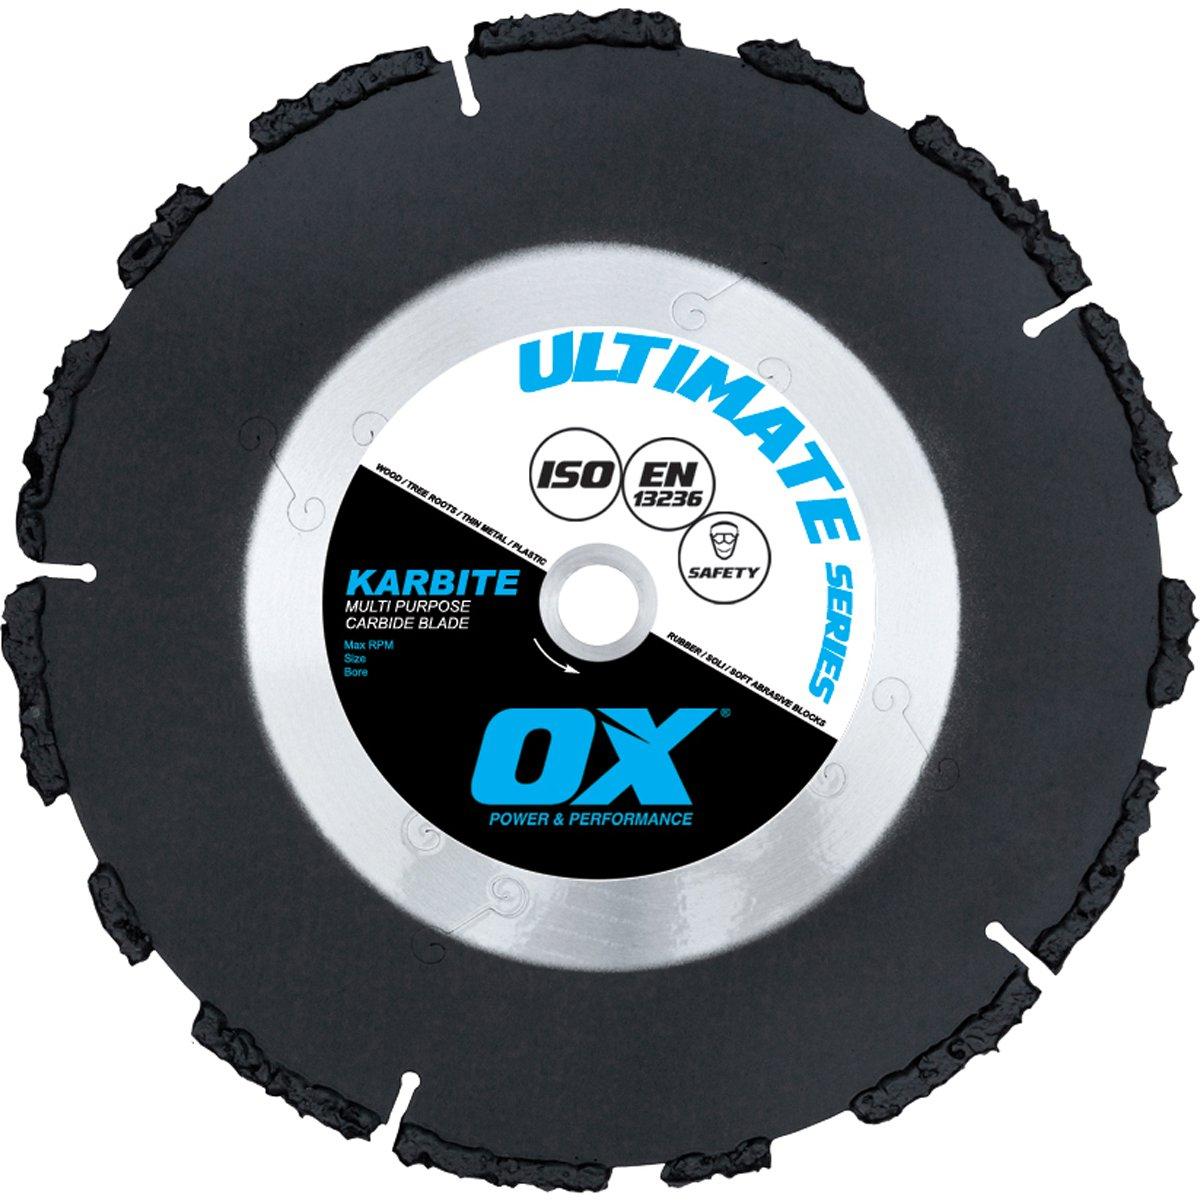 Disco de Diamante OX TOOLS OX-UKB-4.5 Ultimate Multi-Purpose 4.5 pulg. carburo 7/8-pulgada-5/8-pulgada de diámetro inter